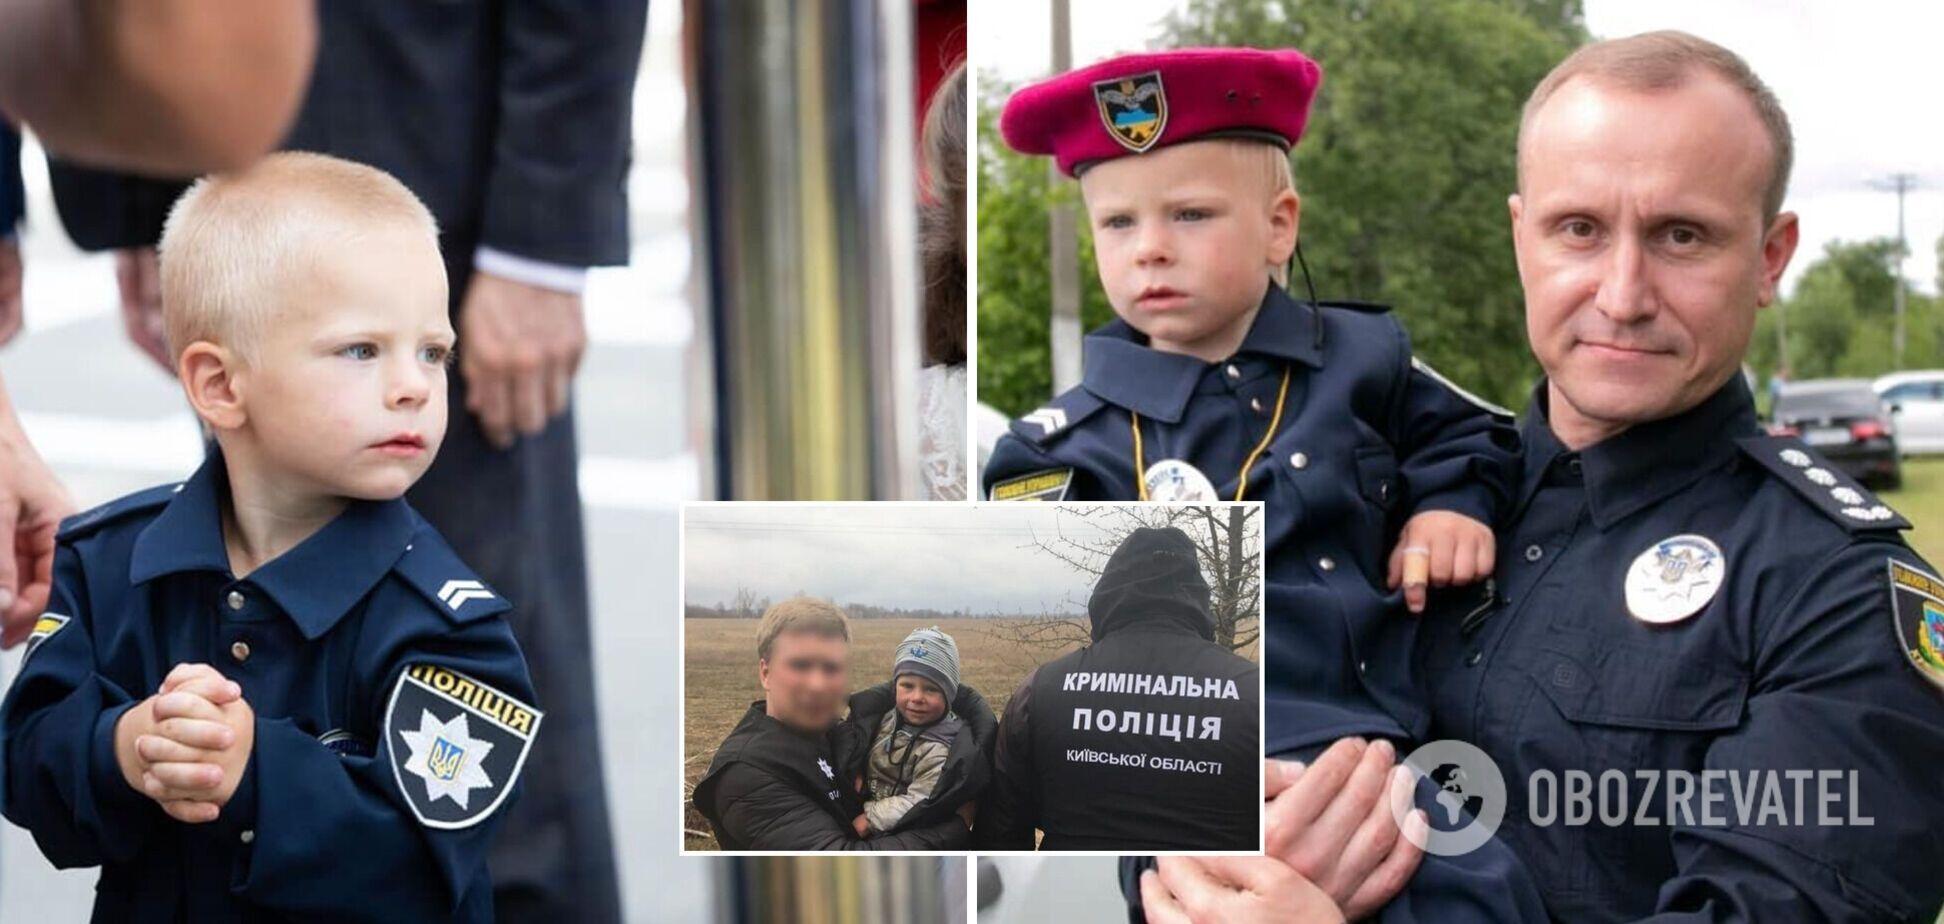 Спасенный полицейскими 2-летний мальчик поздравил копов с их профессиональным праздником